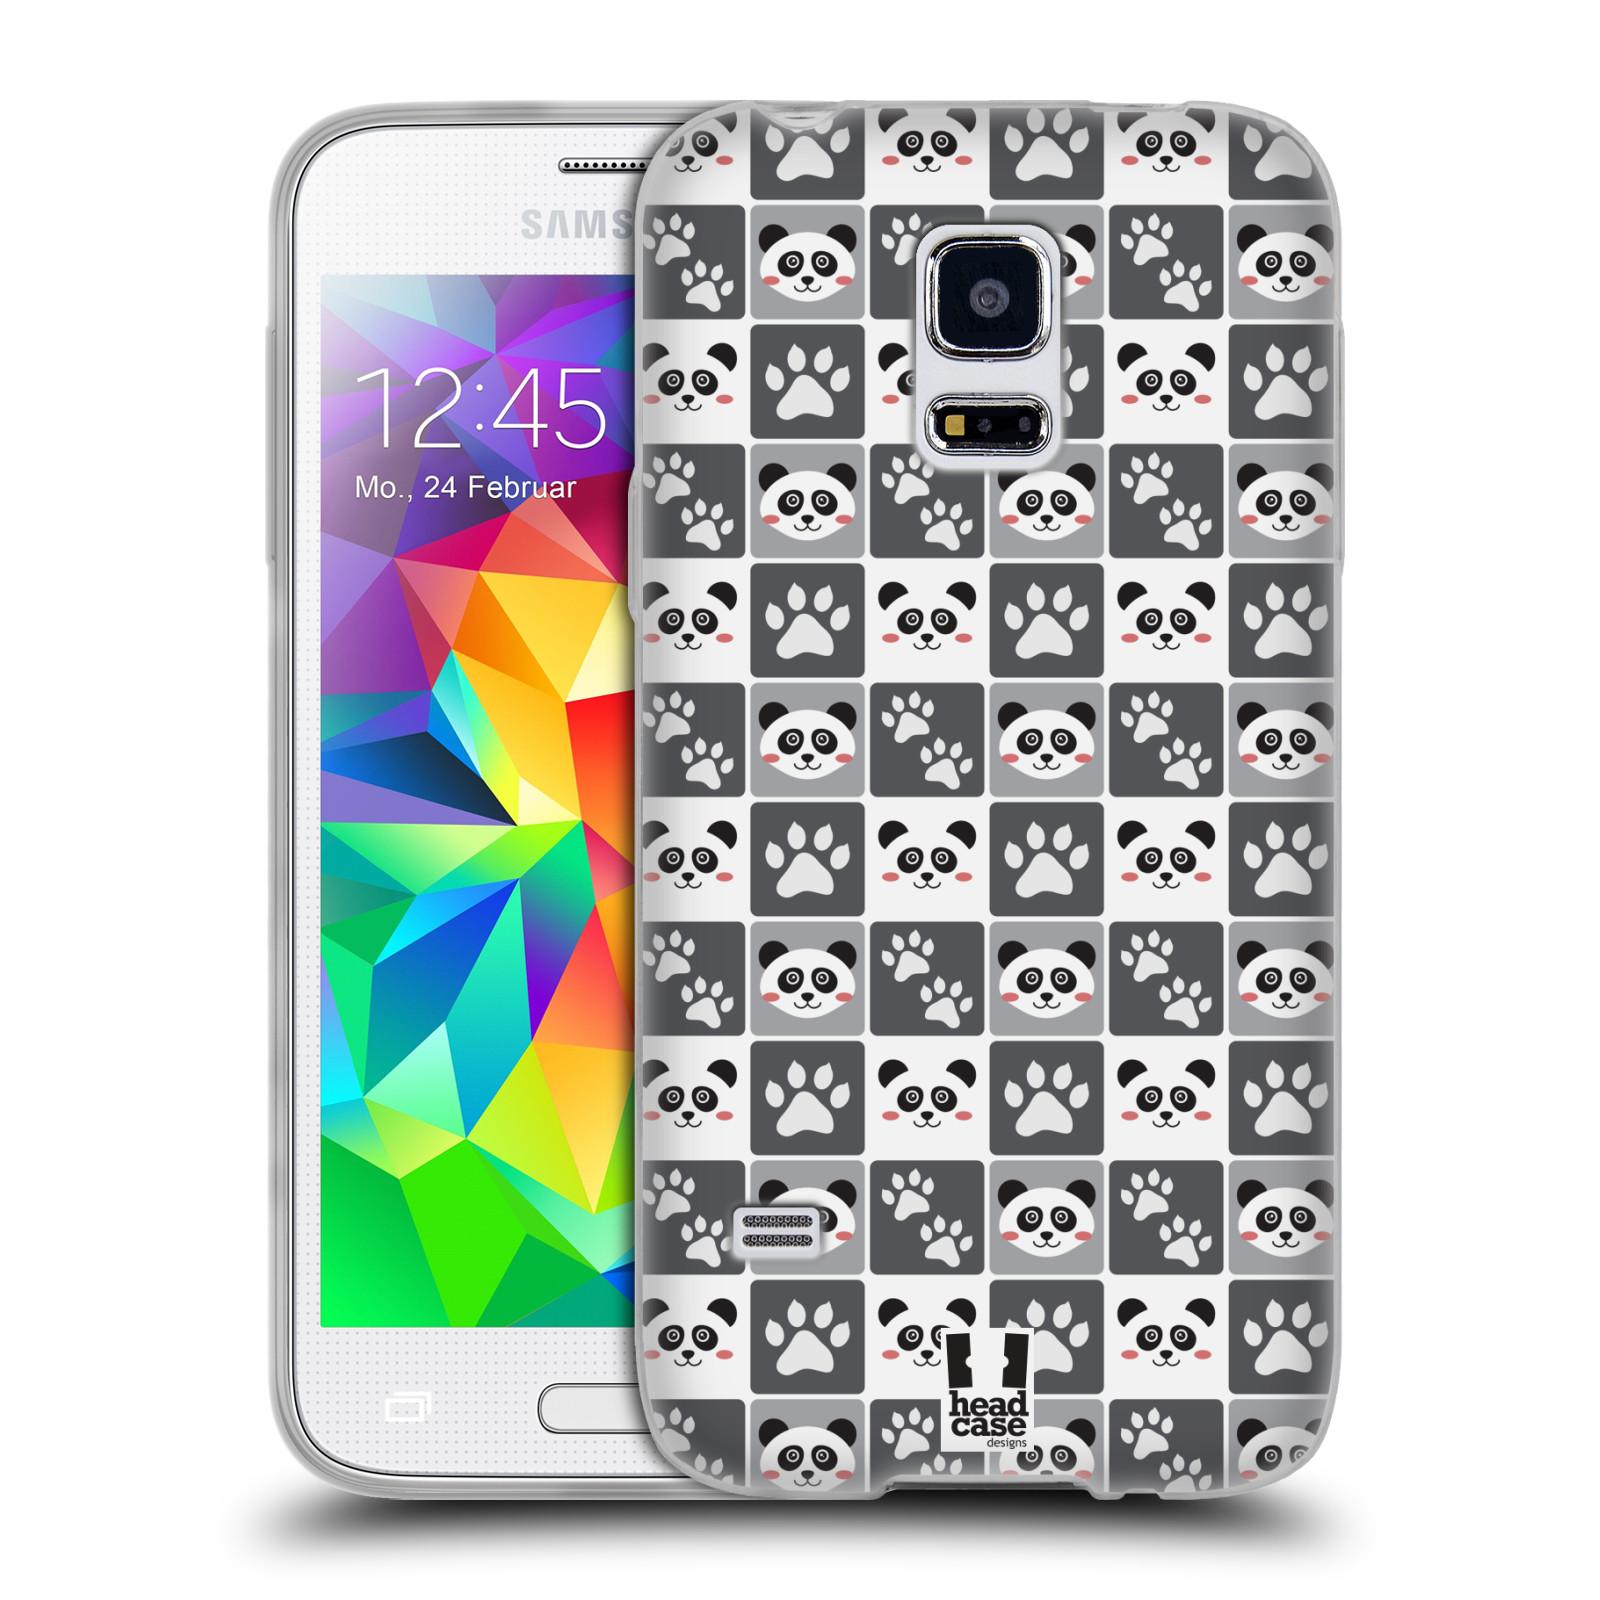 HEAD CASE silikonový obal na mobil Samsung Galaxy S5 MINI vzor Zvířecí razítka MEDVÍDEK PANDA